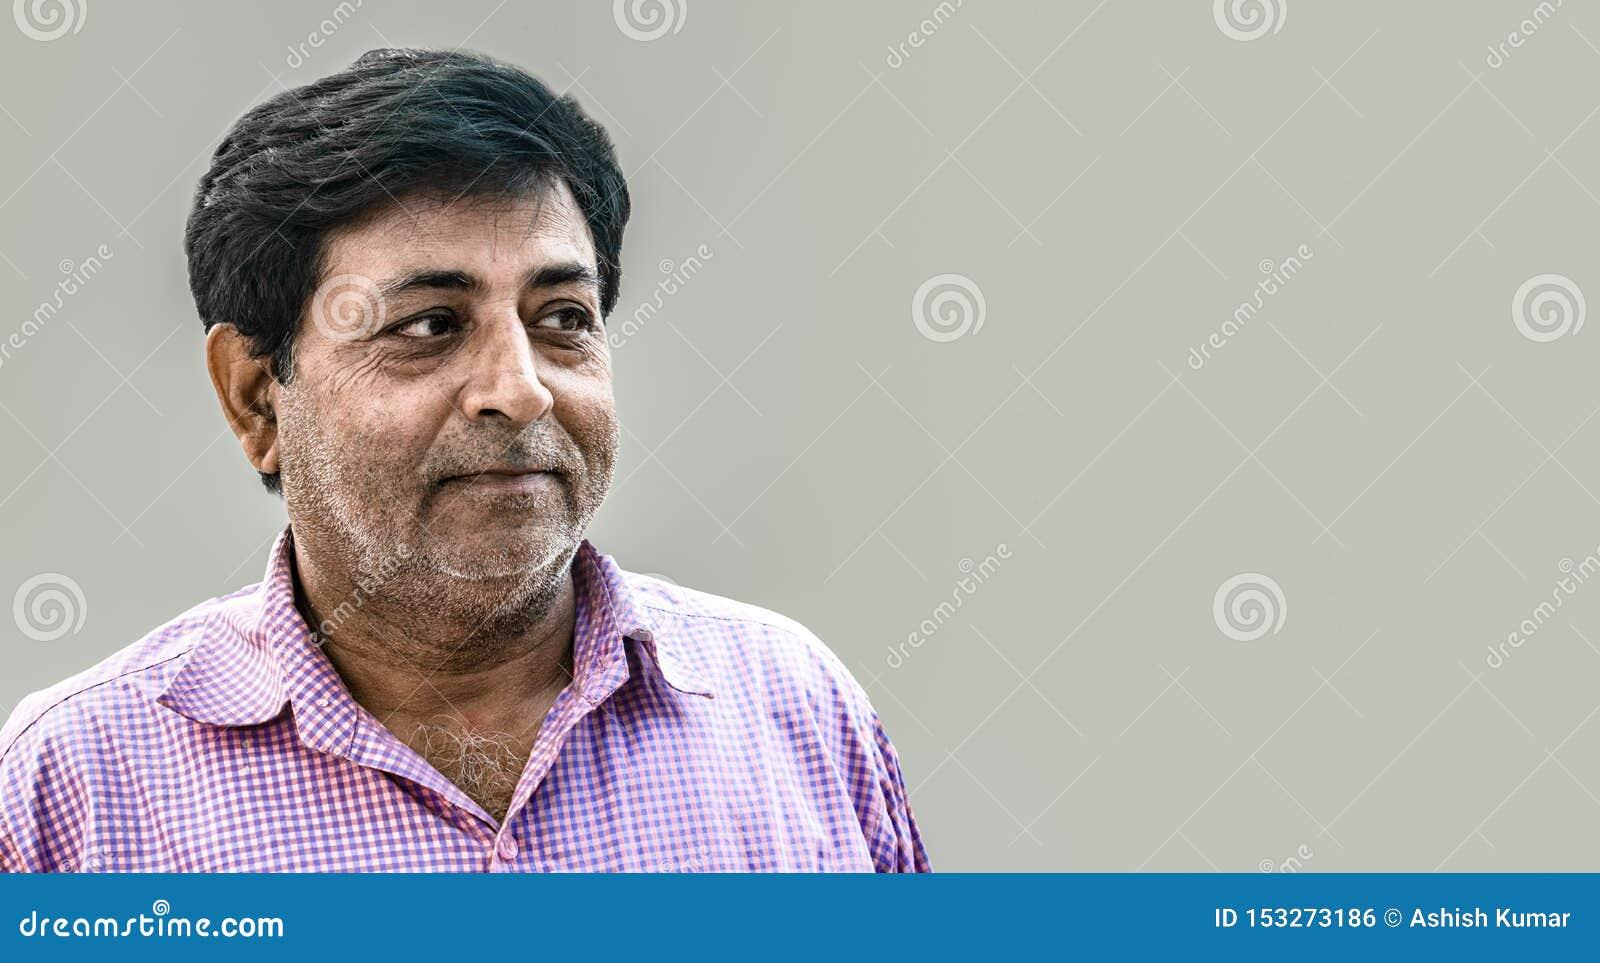 Indischer Mann von mittlerem Alter, der Ausdruck der Zufriedenheit, tragendes purpurrotes Karohemd gibt Aufmachung des typischen